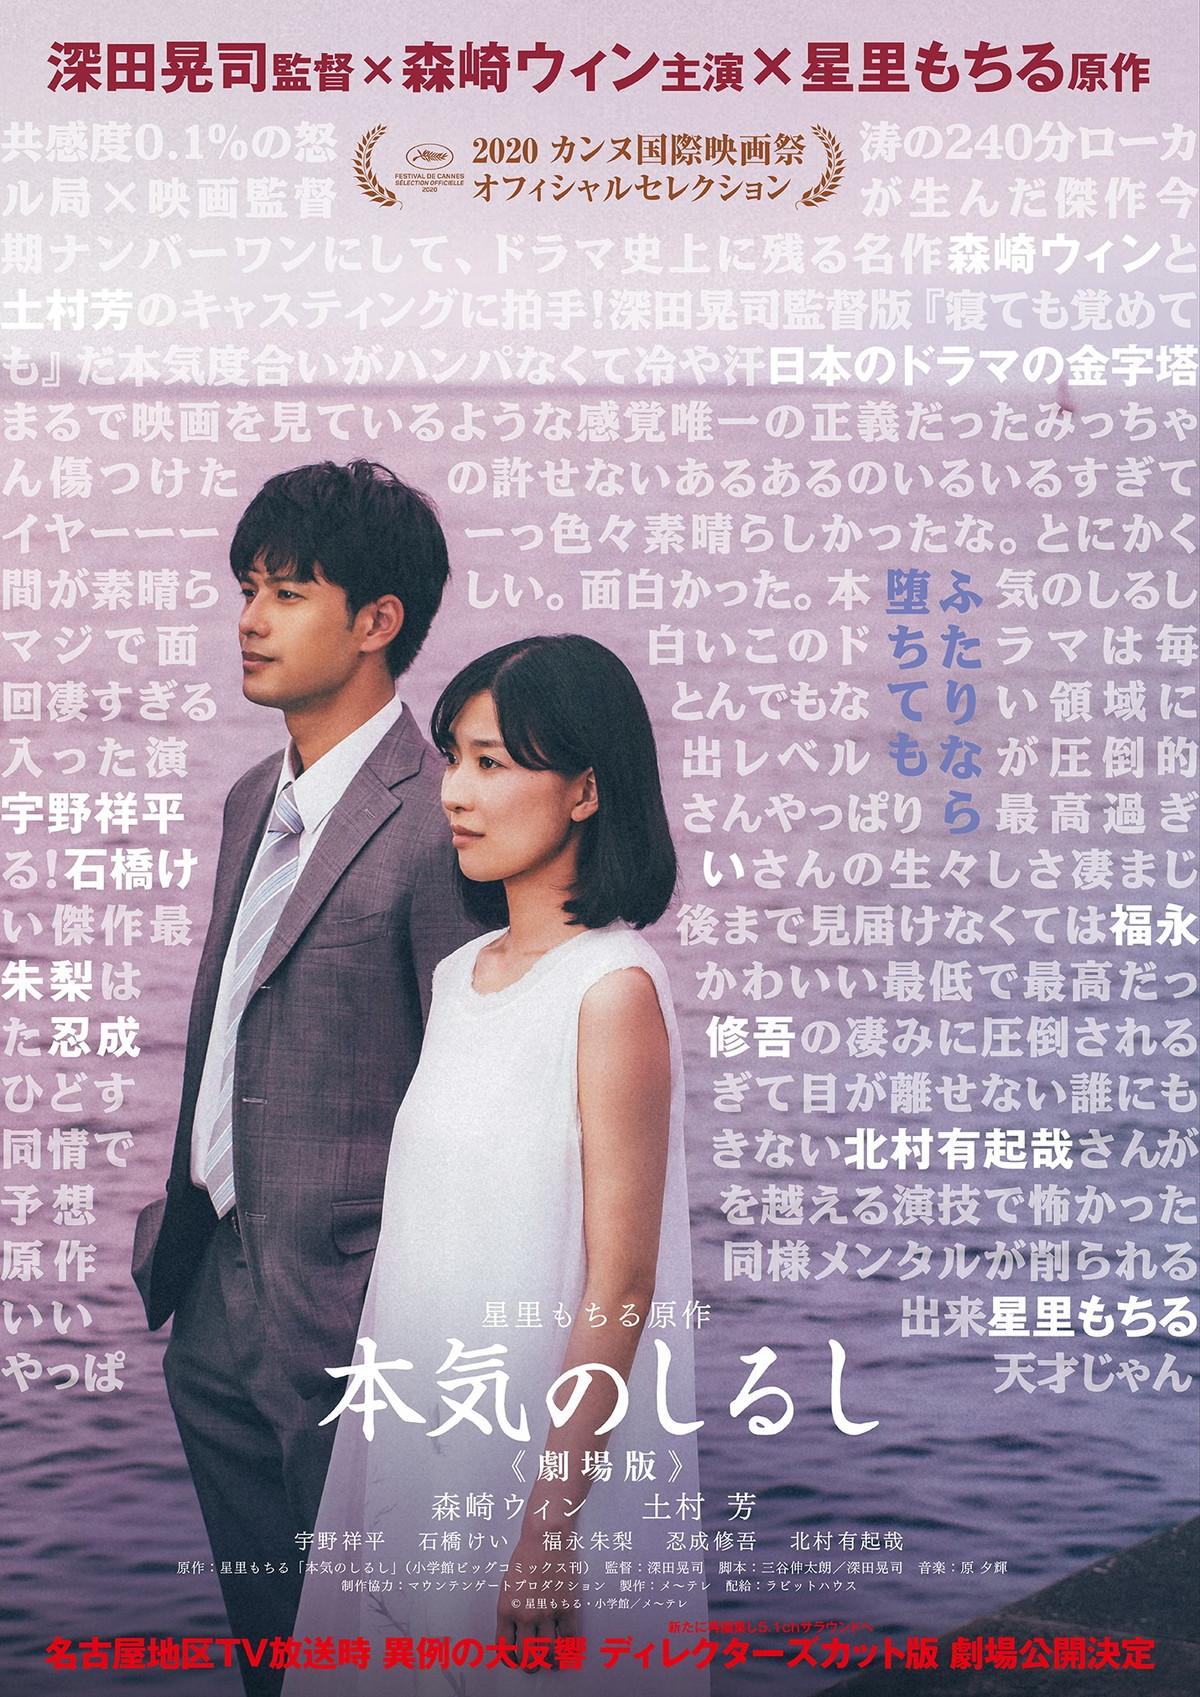 201008_honki_poster.jpg